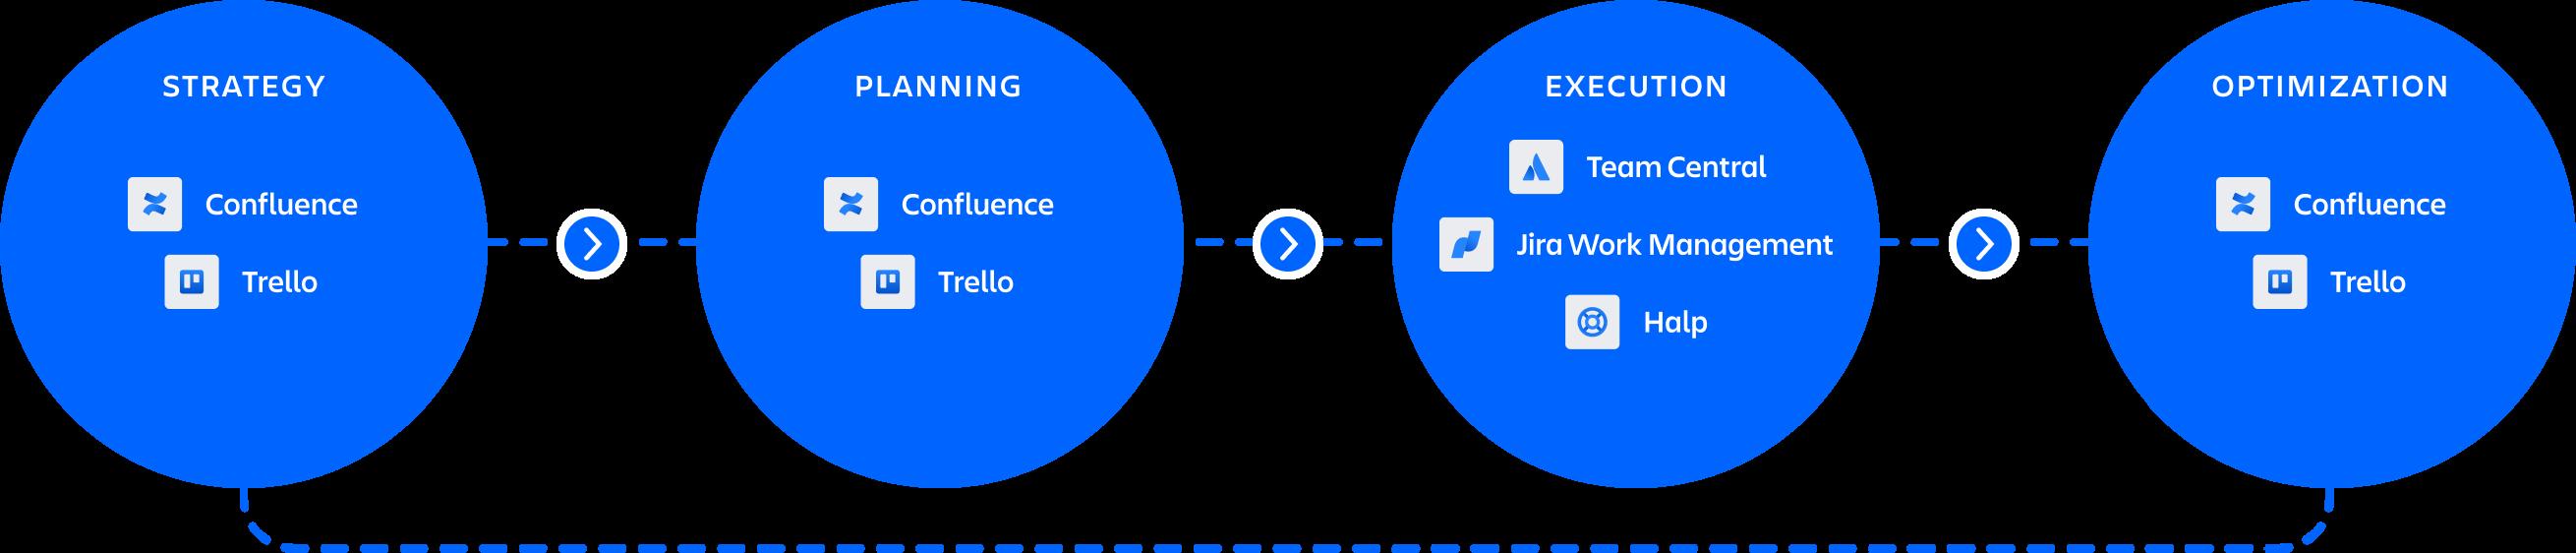 Grafika produktów pomagających w pozyskiwaniu talentów (Confluence i Jira Work Management) oraz we wdrażaniu nowych pracowników (Trello i Jira Work Management)